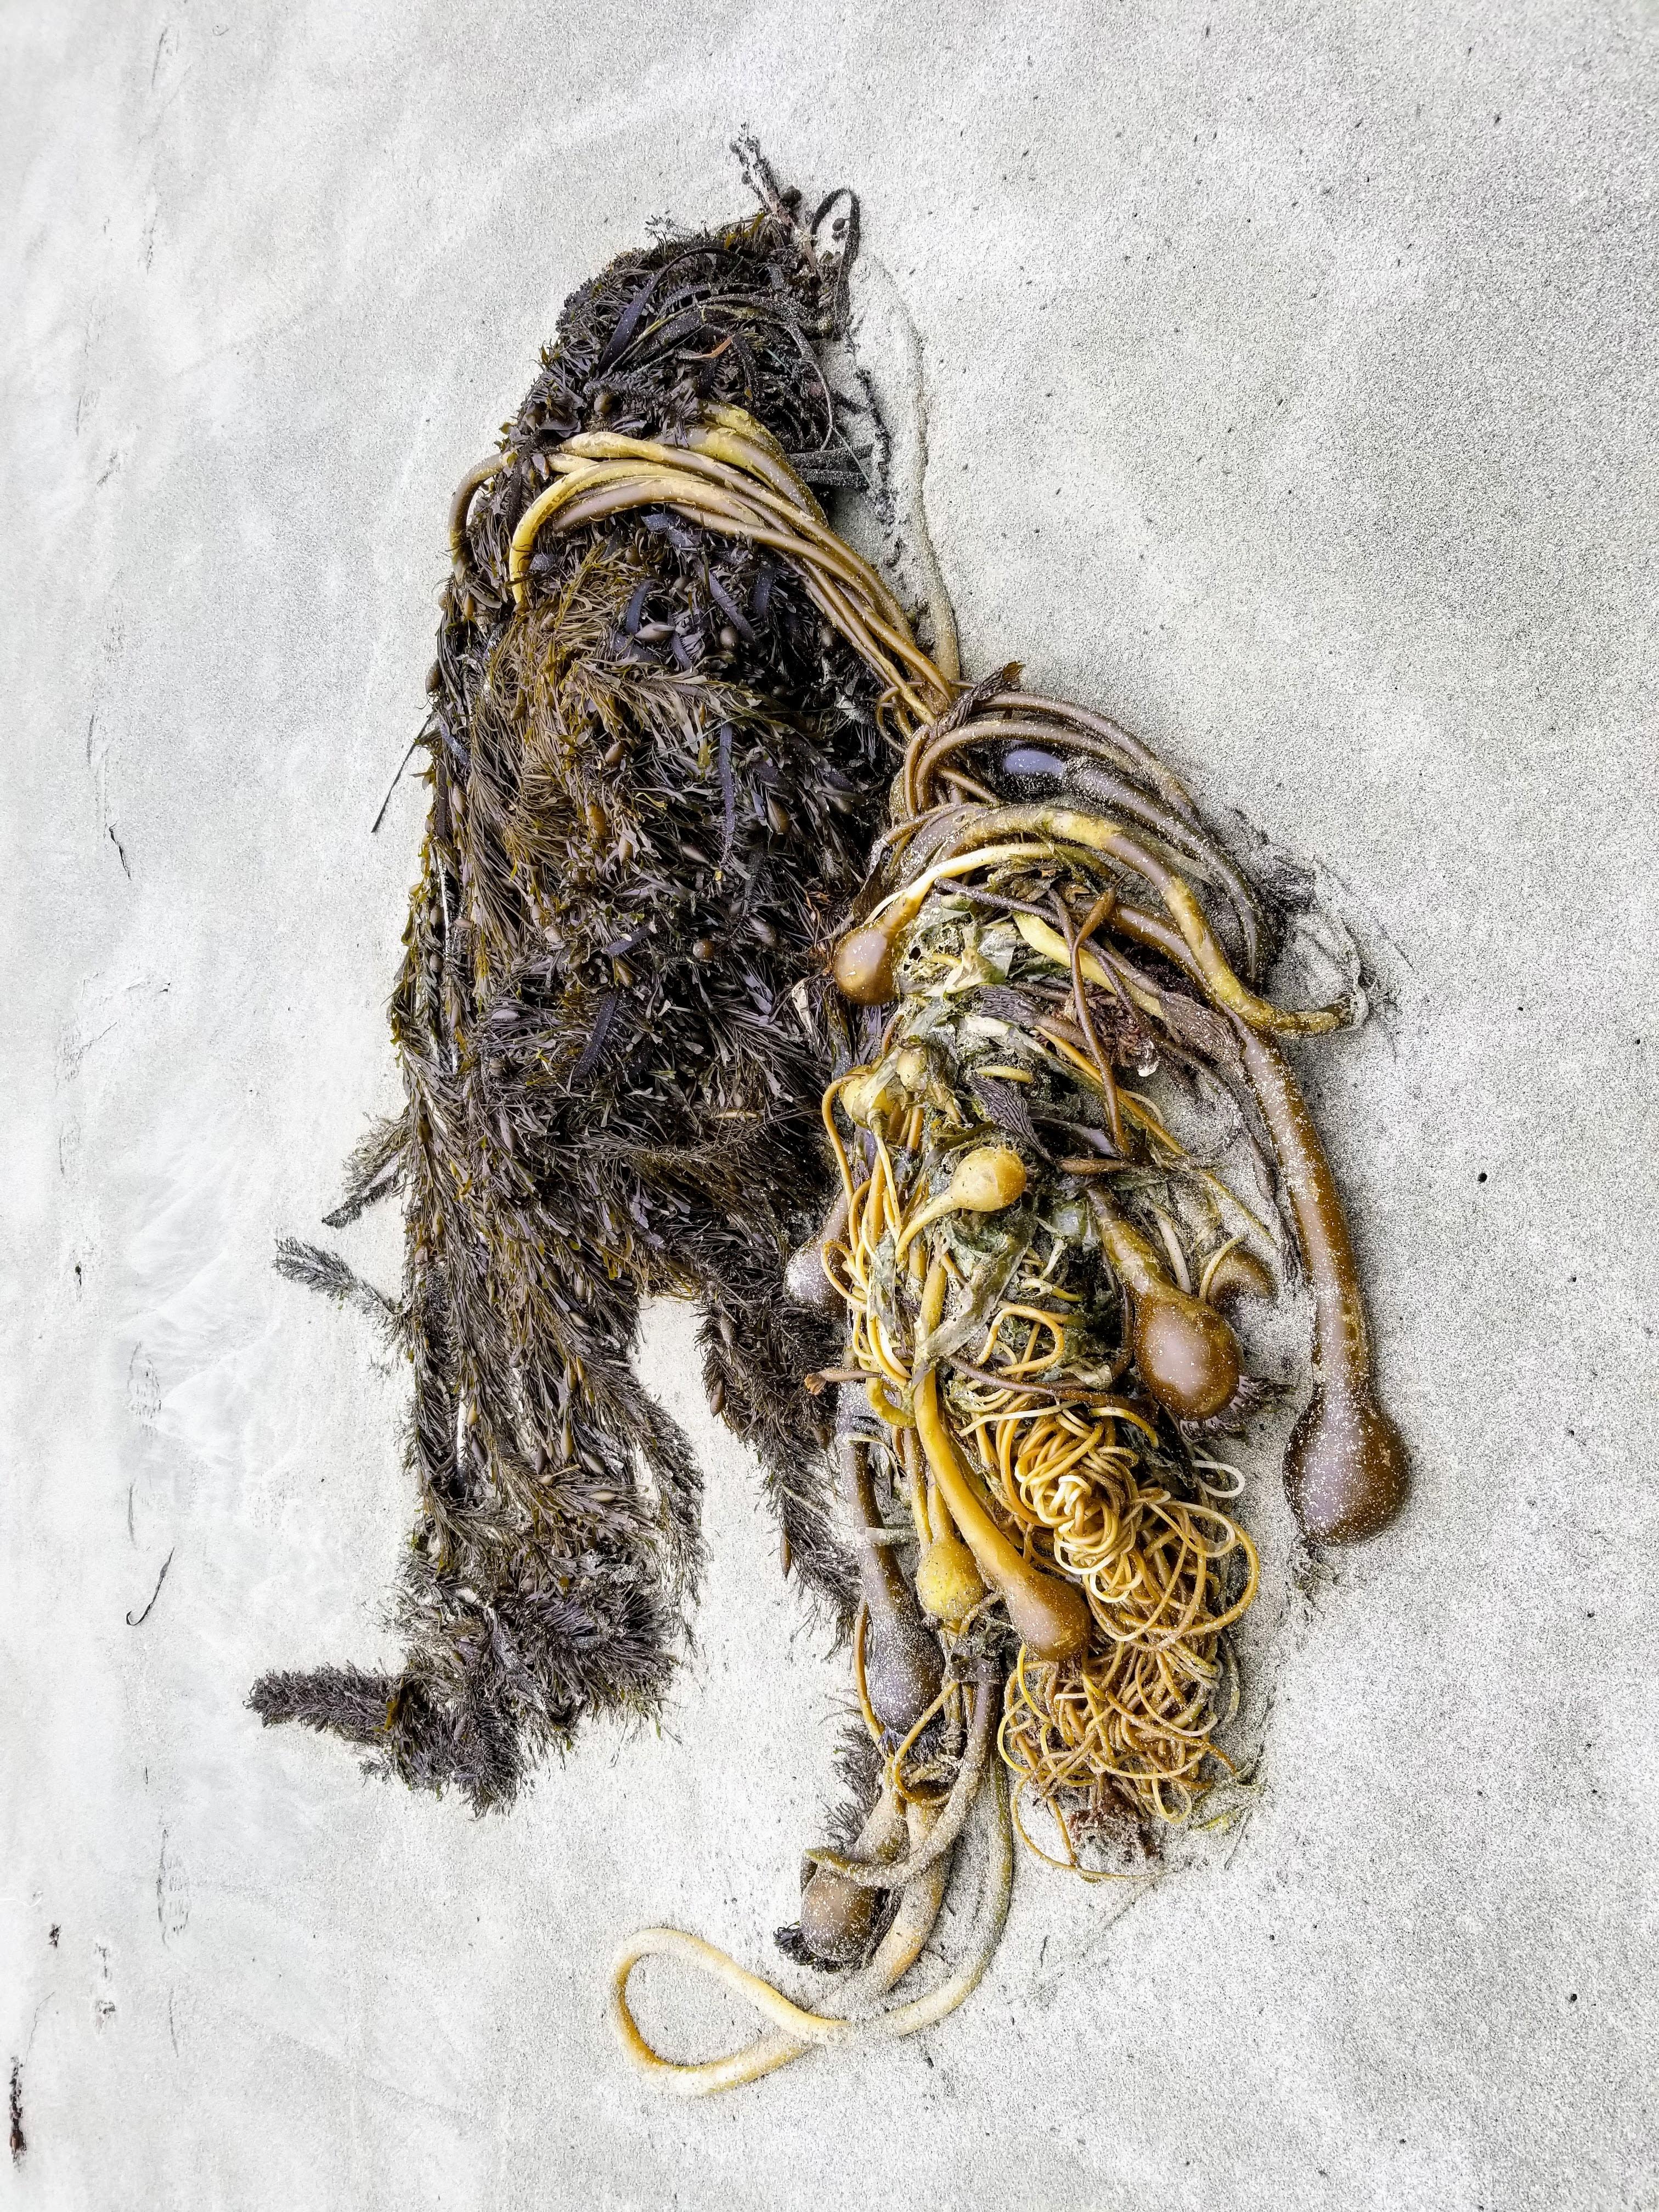 Sea plants washed up on shore at Half Moon Bay